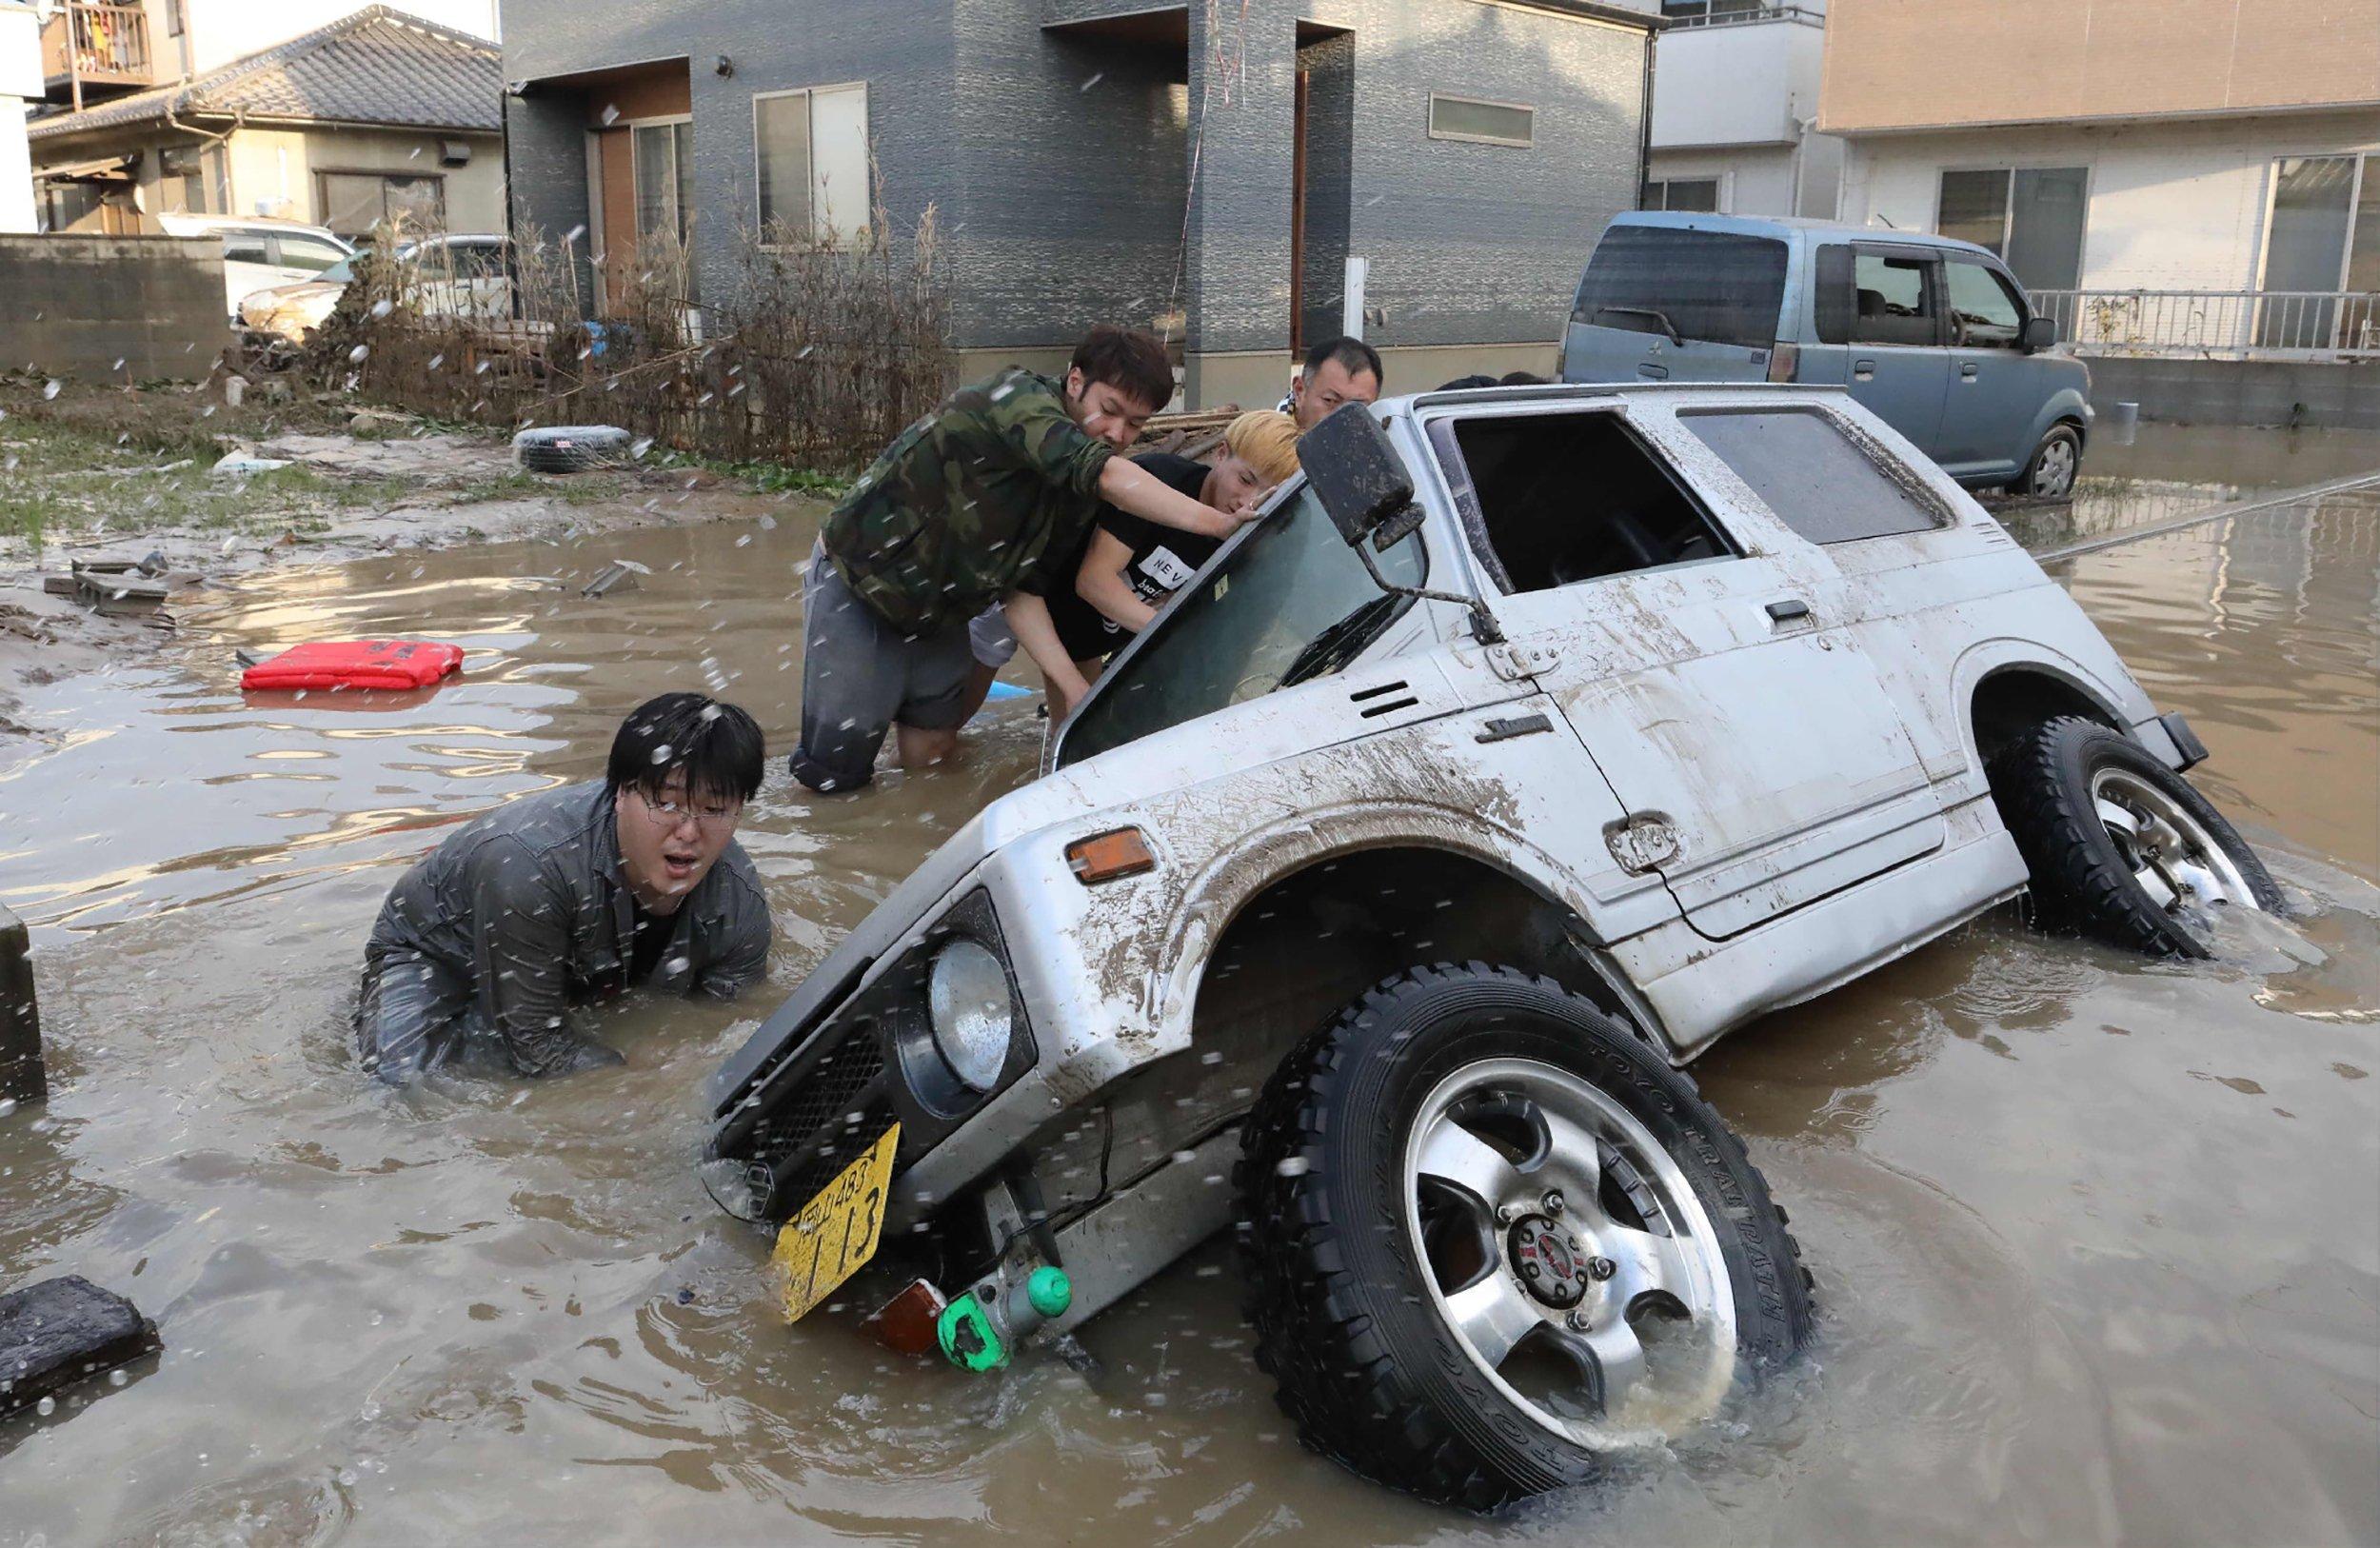 Japan: Vast Floods Destroy Homes as Over 100 Reported Dead